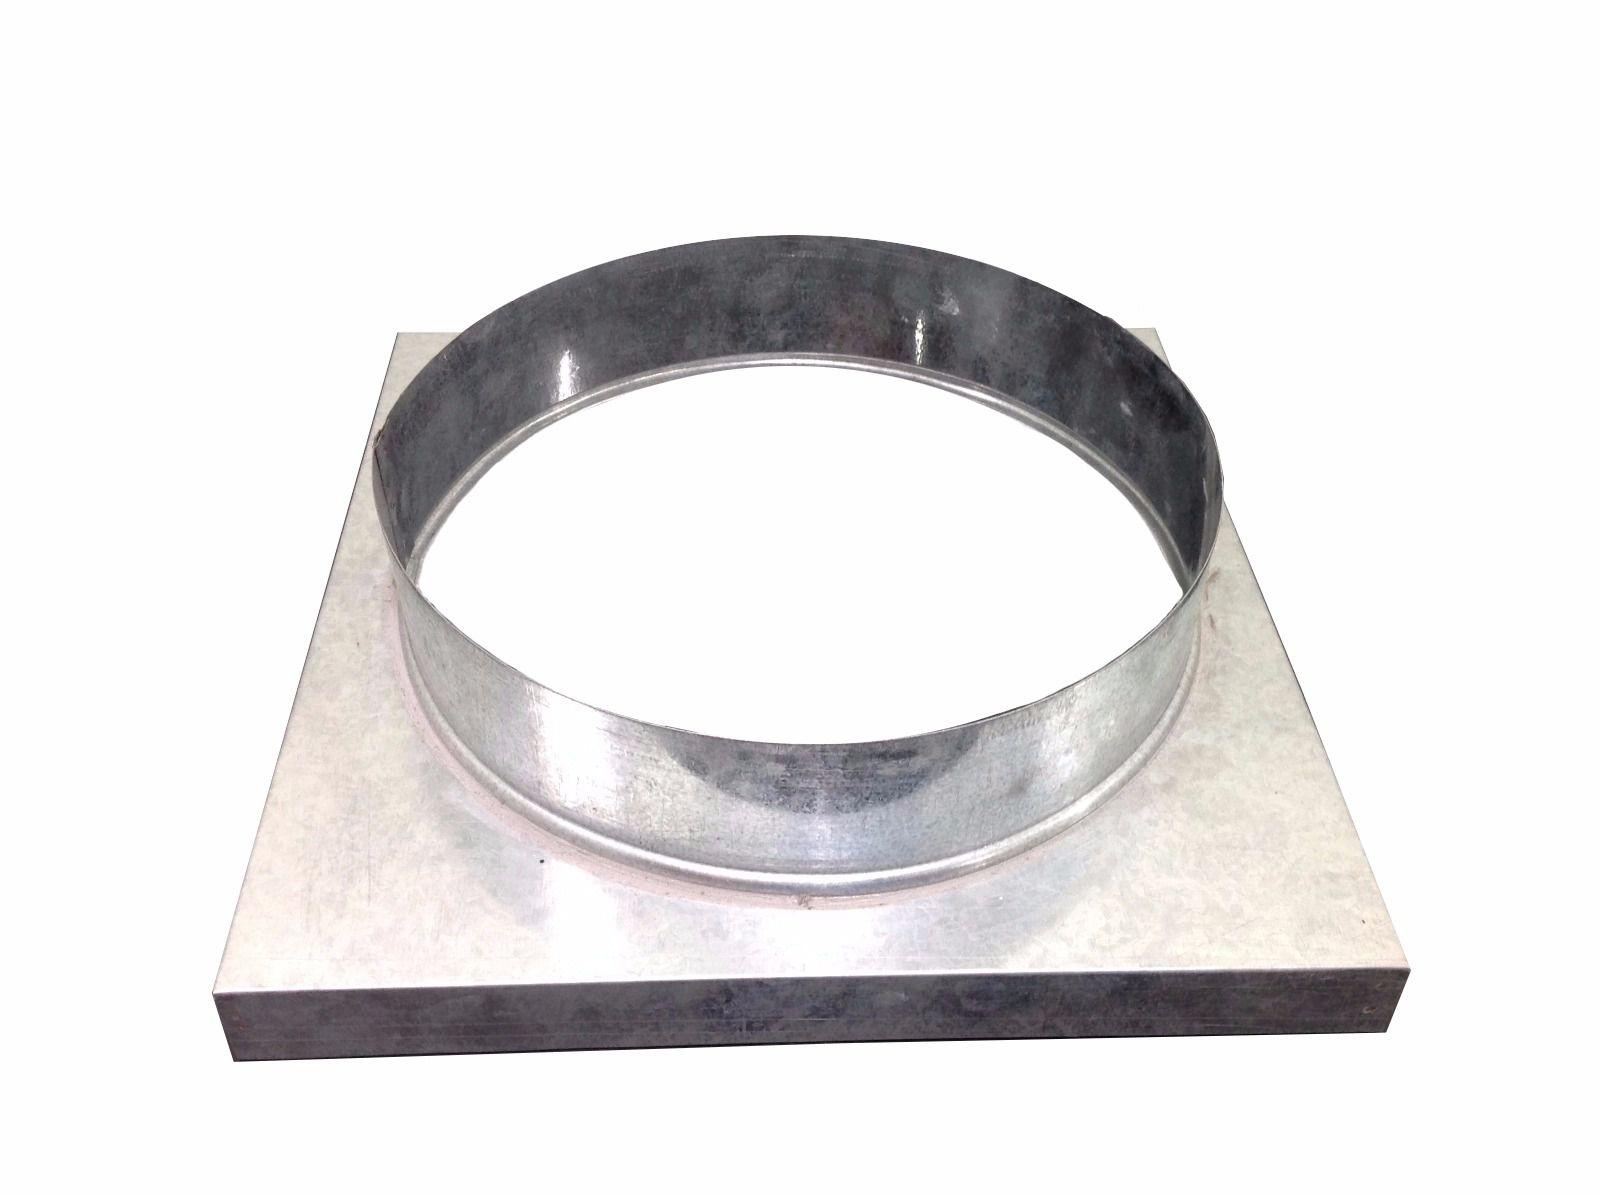 Adaptador galvanizado de quadrado 30,5 x 30,5 cm para redondo 180 mm de diâmetro  - Galvocalhas